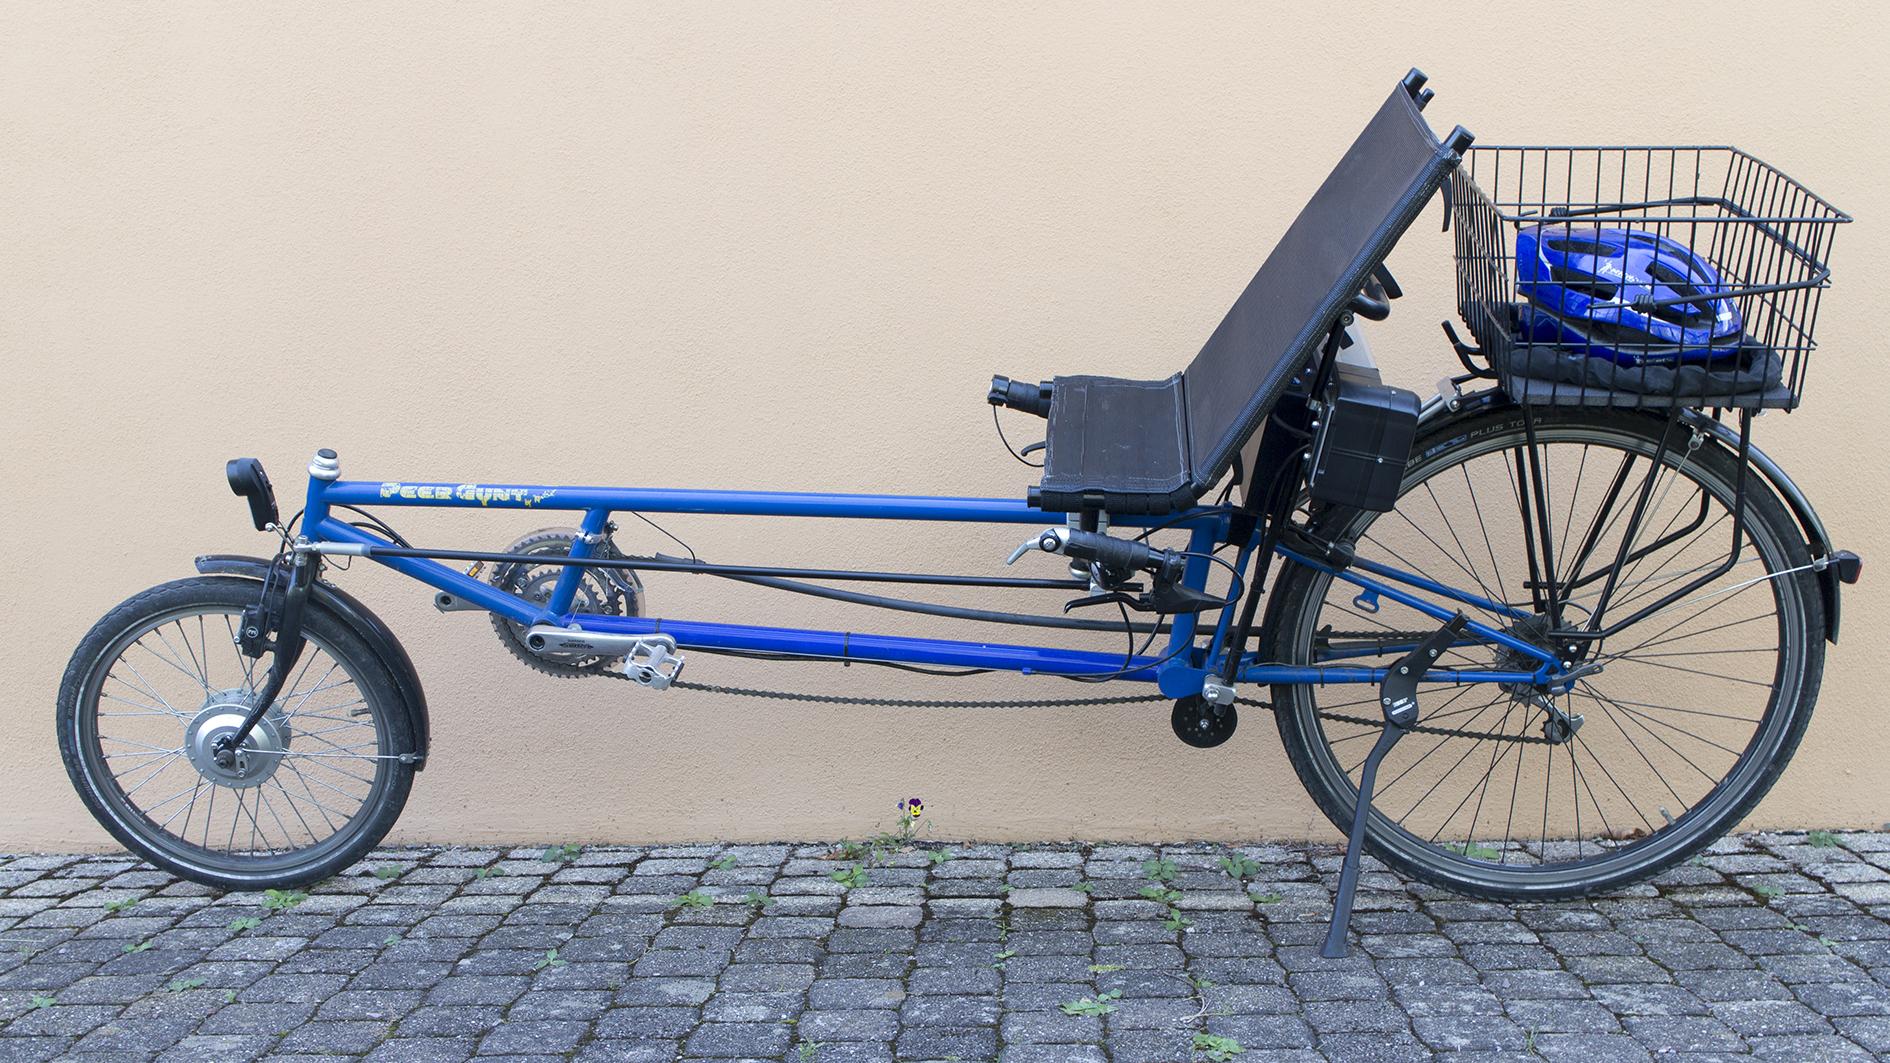 """Das Bild zeigt ein Liegerad von der Firma Radius in Münster. Es handelt sich um einen Langlieger der Modellreihe """"Peer Gynt""""."""